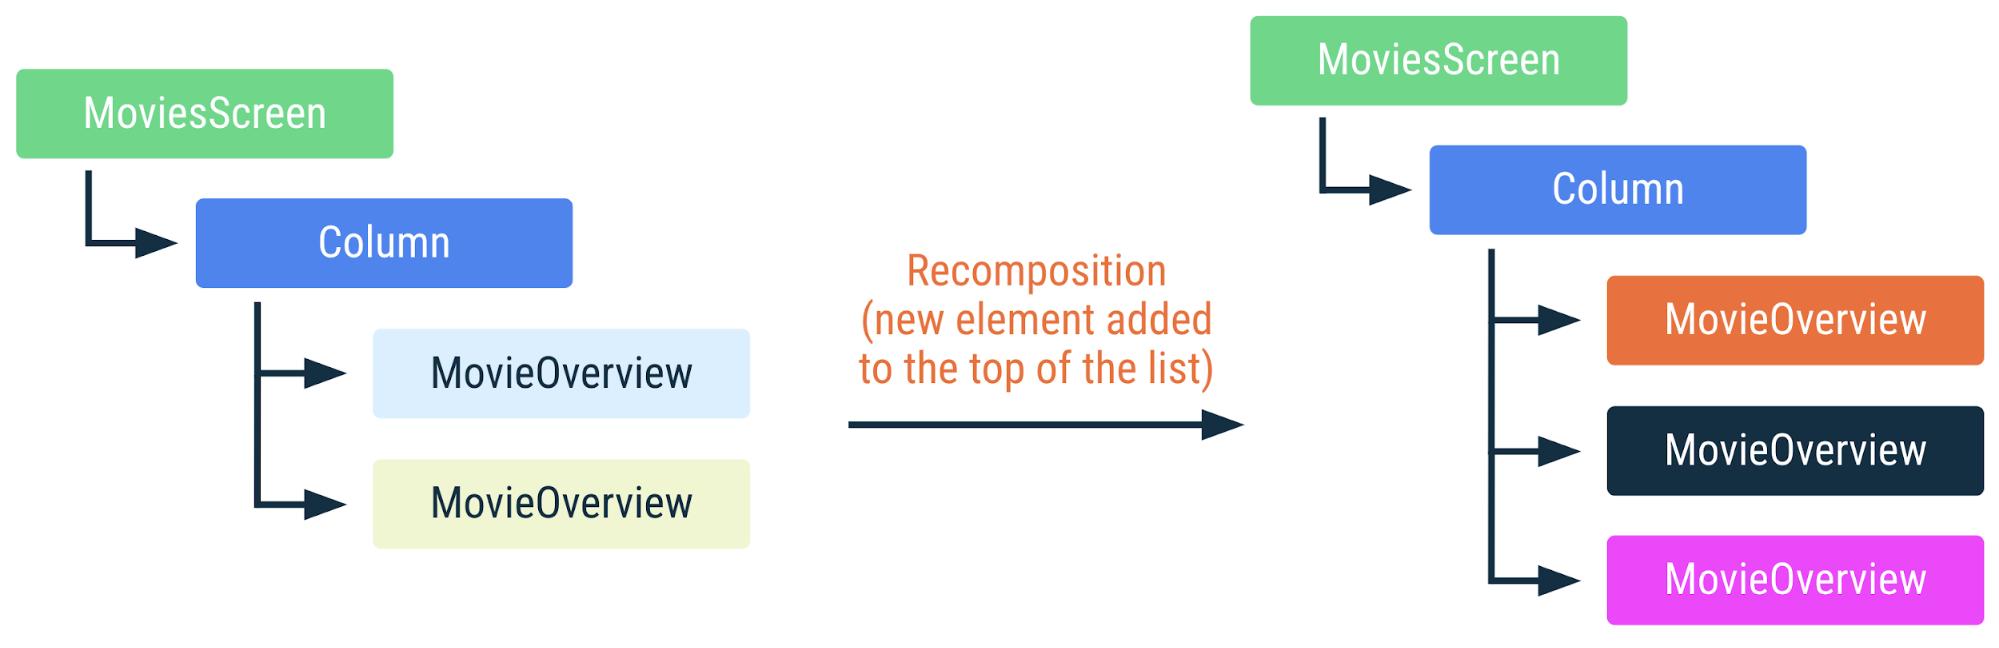 新しい要素がリストの先頭に追加されたときに上記のコードがどのように再コンポーズされるかを示す図。リスト内の他のすべてのアイテムは位置が変更され、再コンポーズが必要になります。